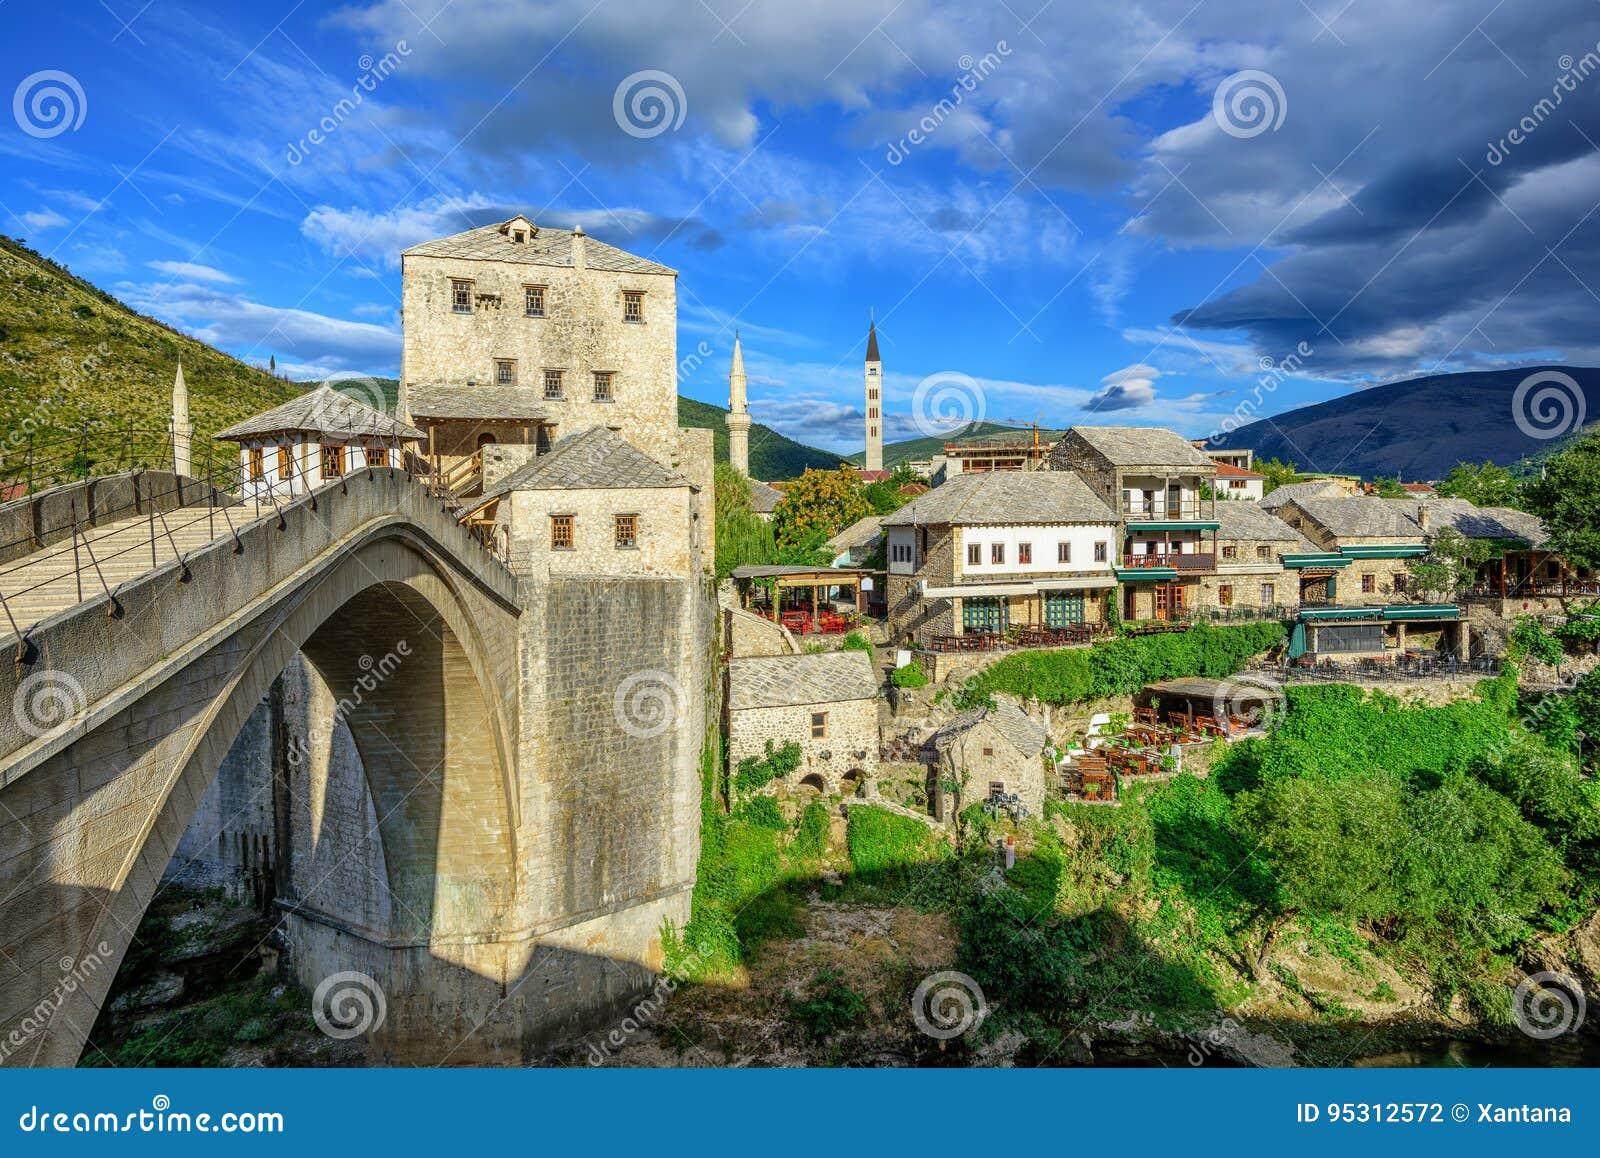 Vieux ville et pont à Mostar, Bosnie-Herzégovine